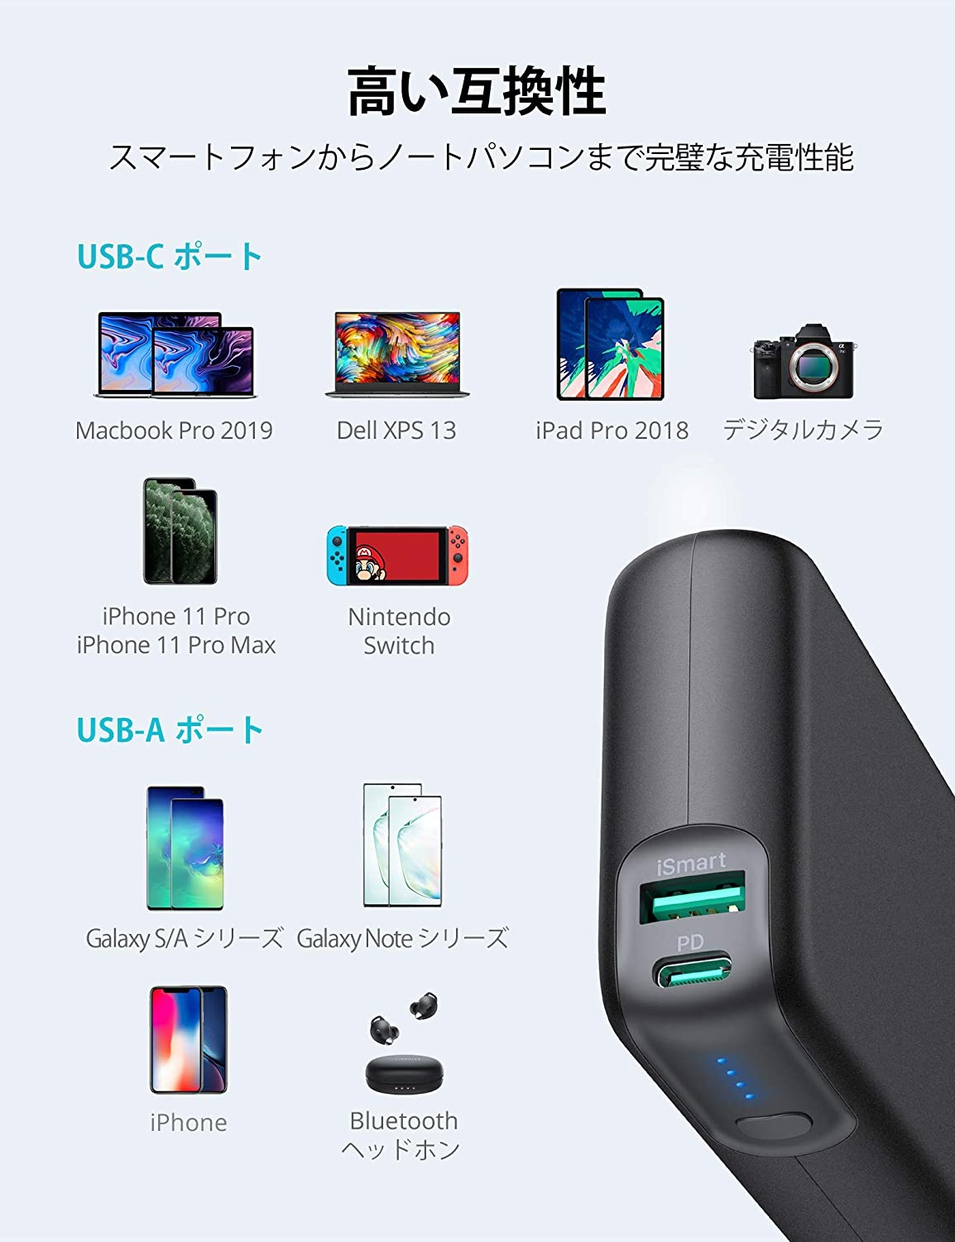 SUNVALLEY(サンバリー) 大容量・ハイパワーモバイルバッテリー RP-PB201の商品画像5